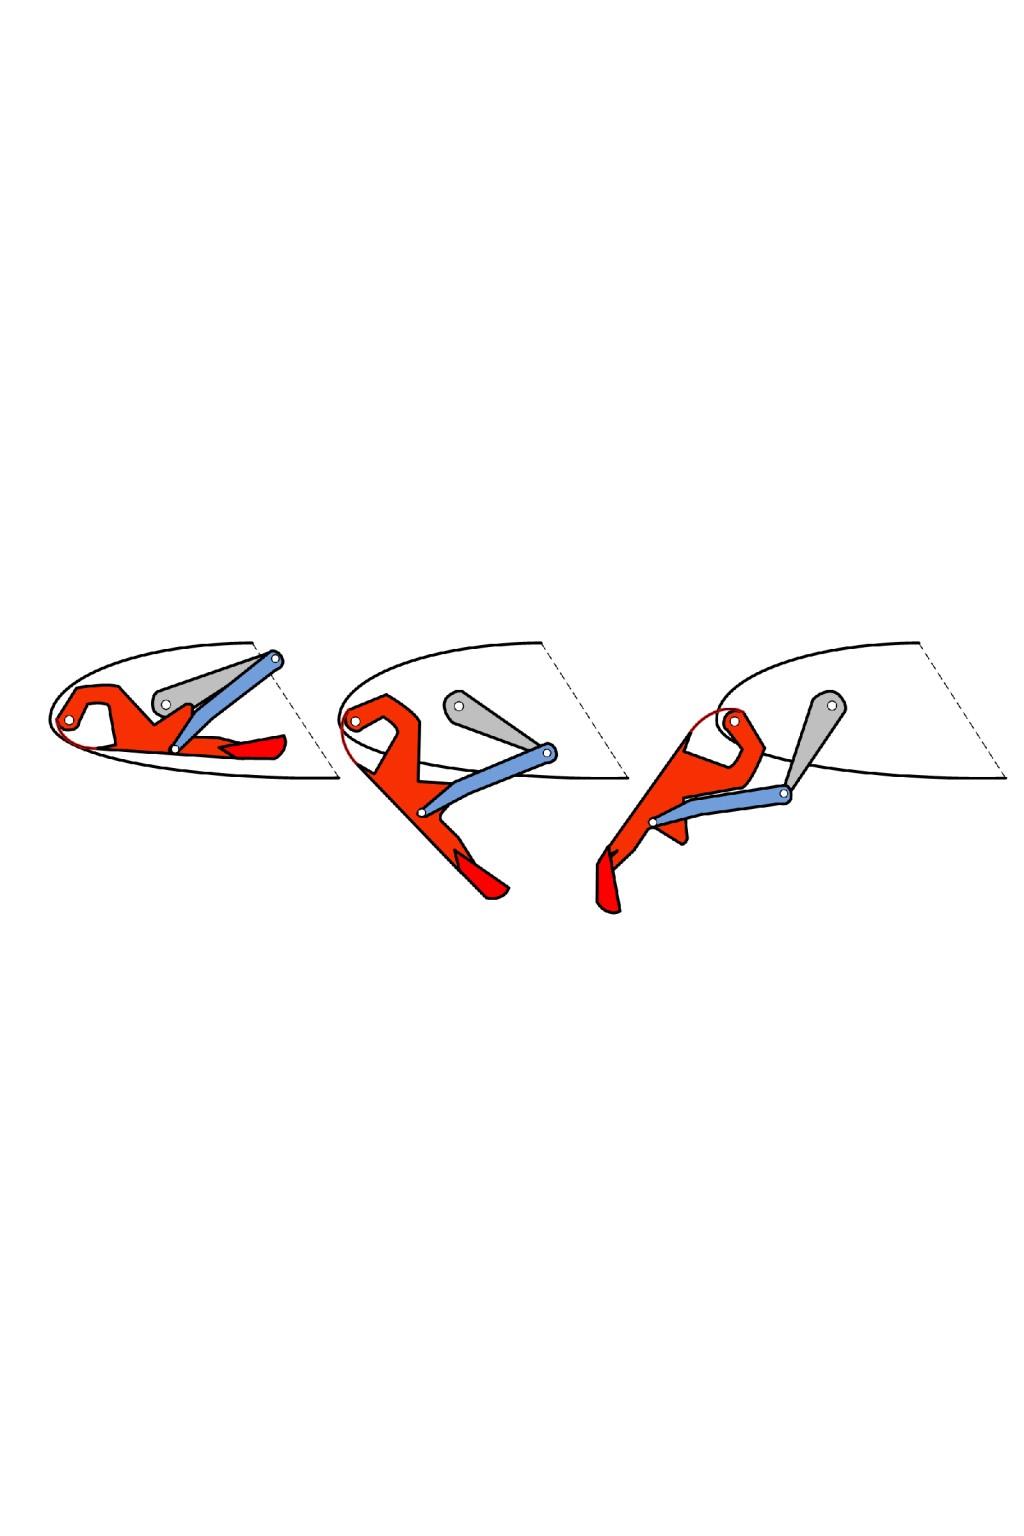 Bild 3 Funktionsweise Vorflügelklappen (Krügerklappe). Quelle: R. Konersmann